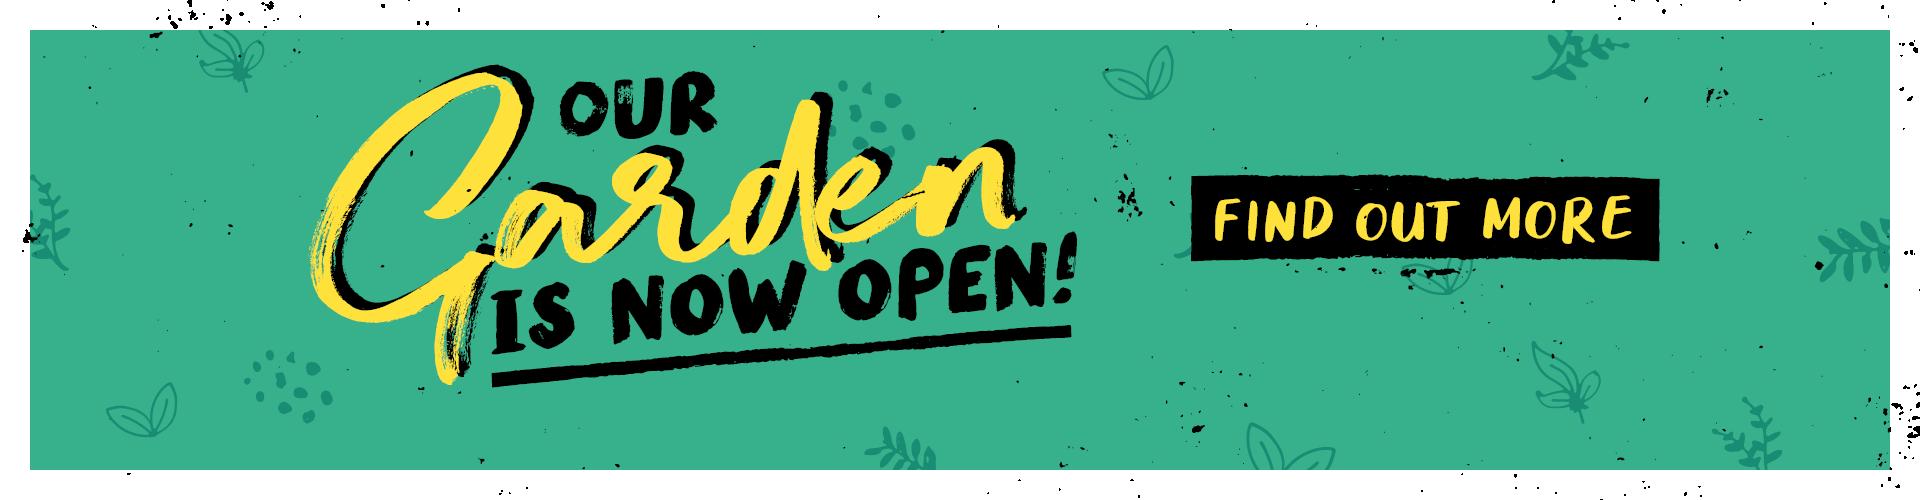 Our beer garden is now open!